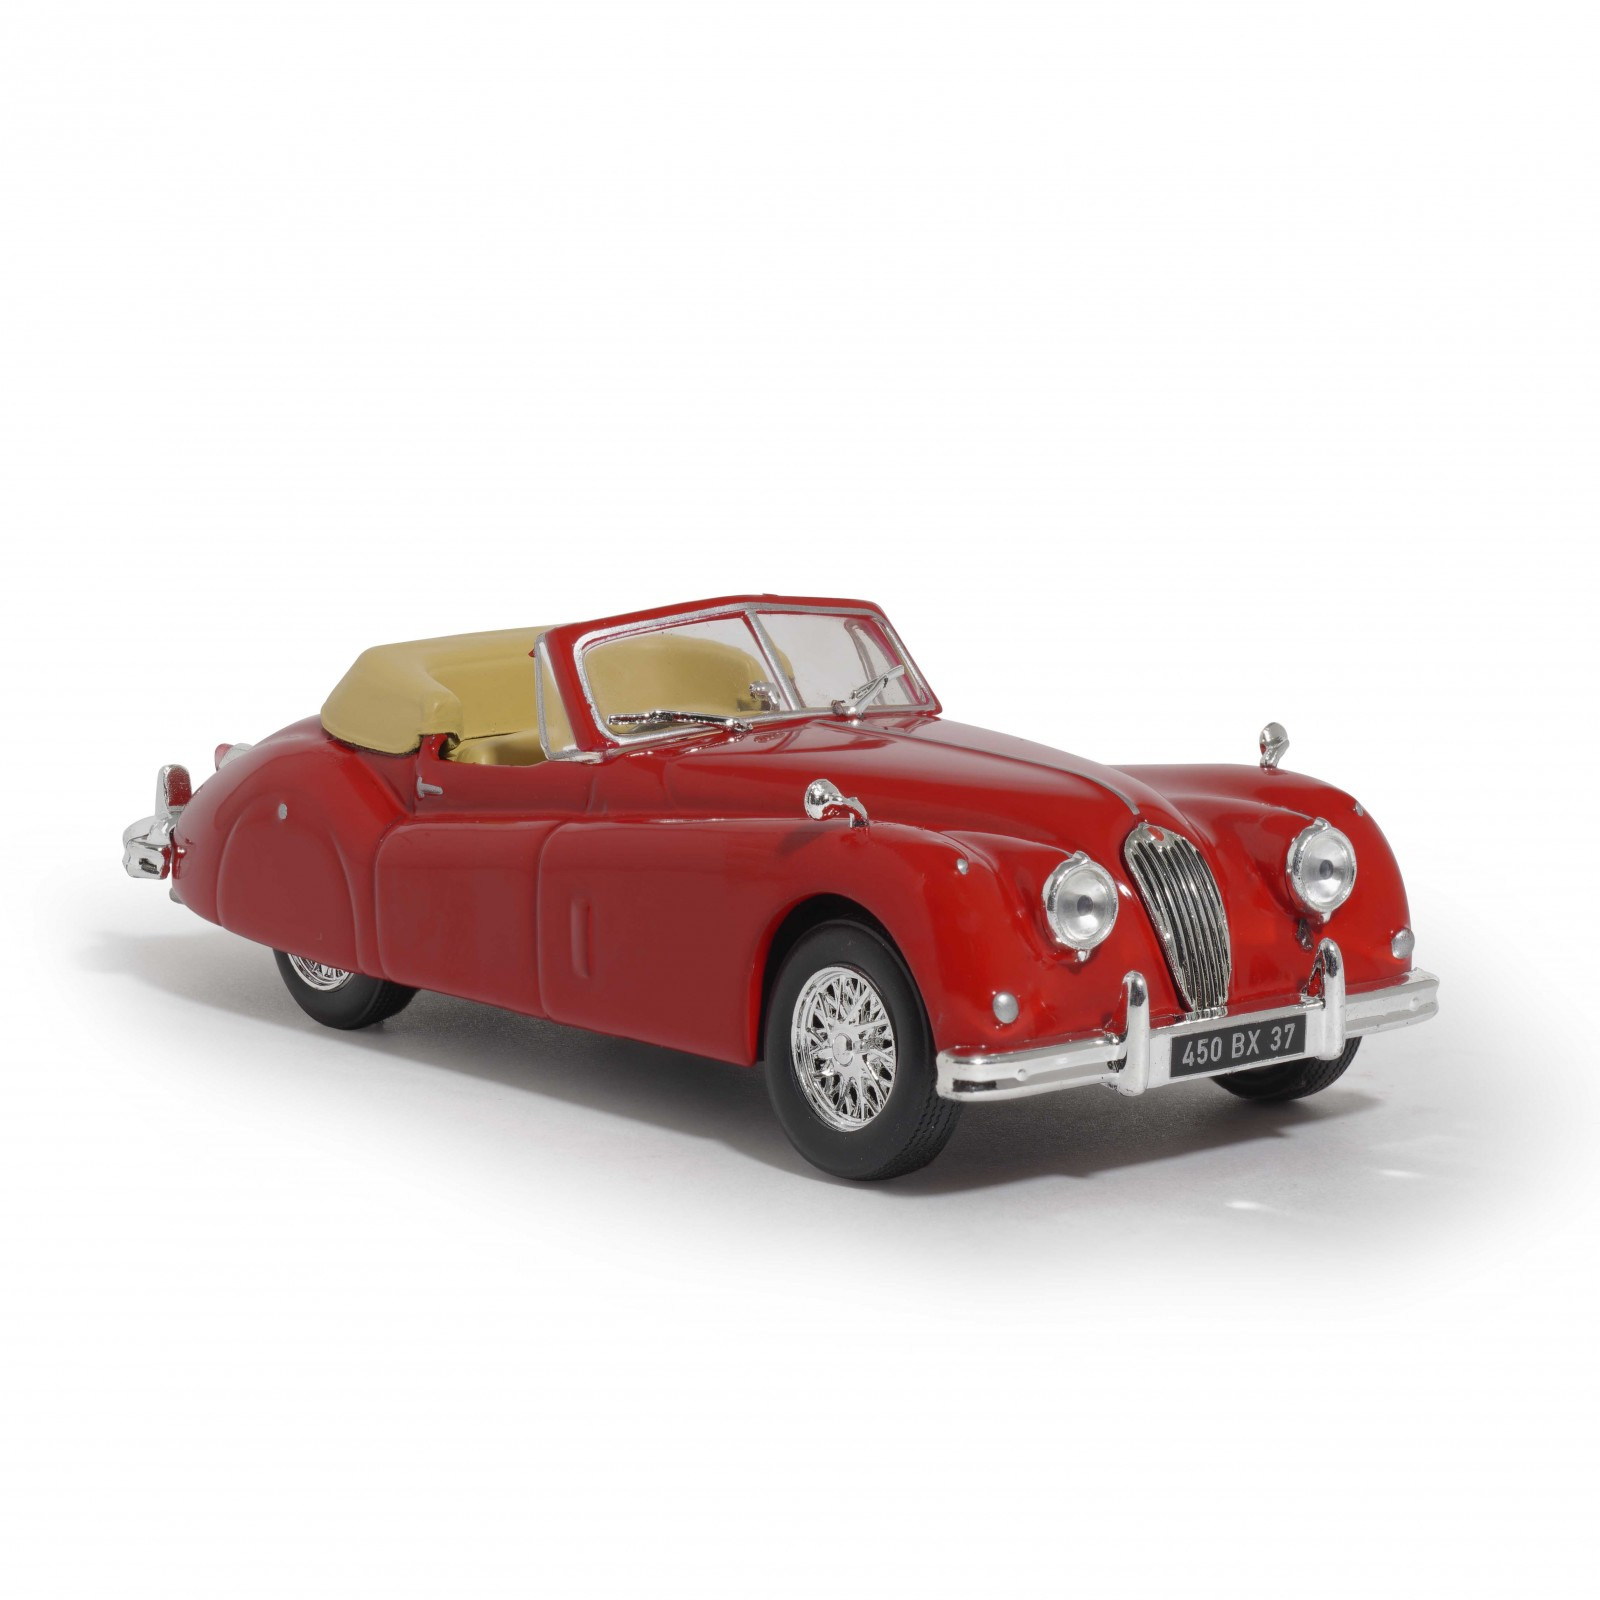 Jaguar XK140 de 1956 - Les Introuvables Hachette Collections